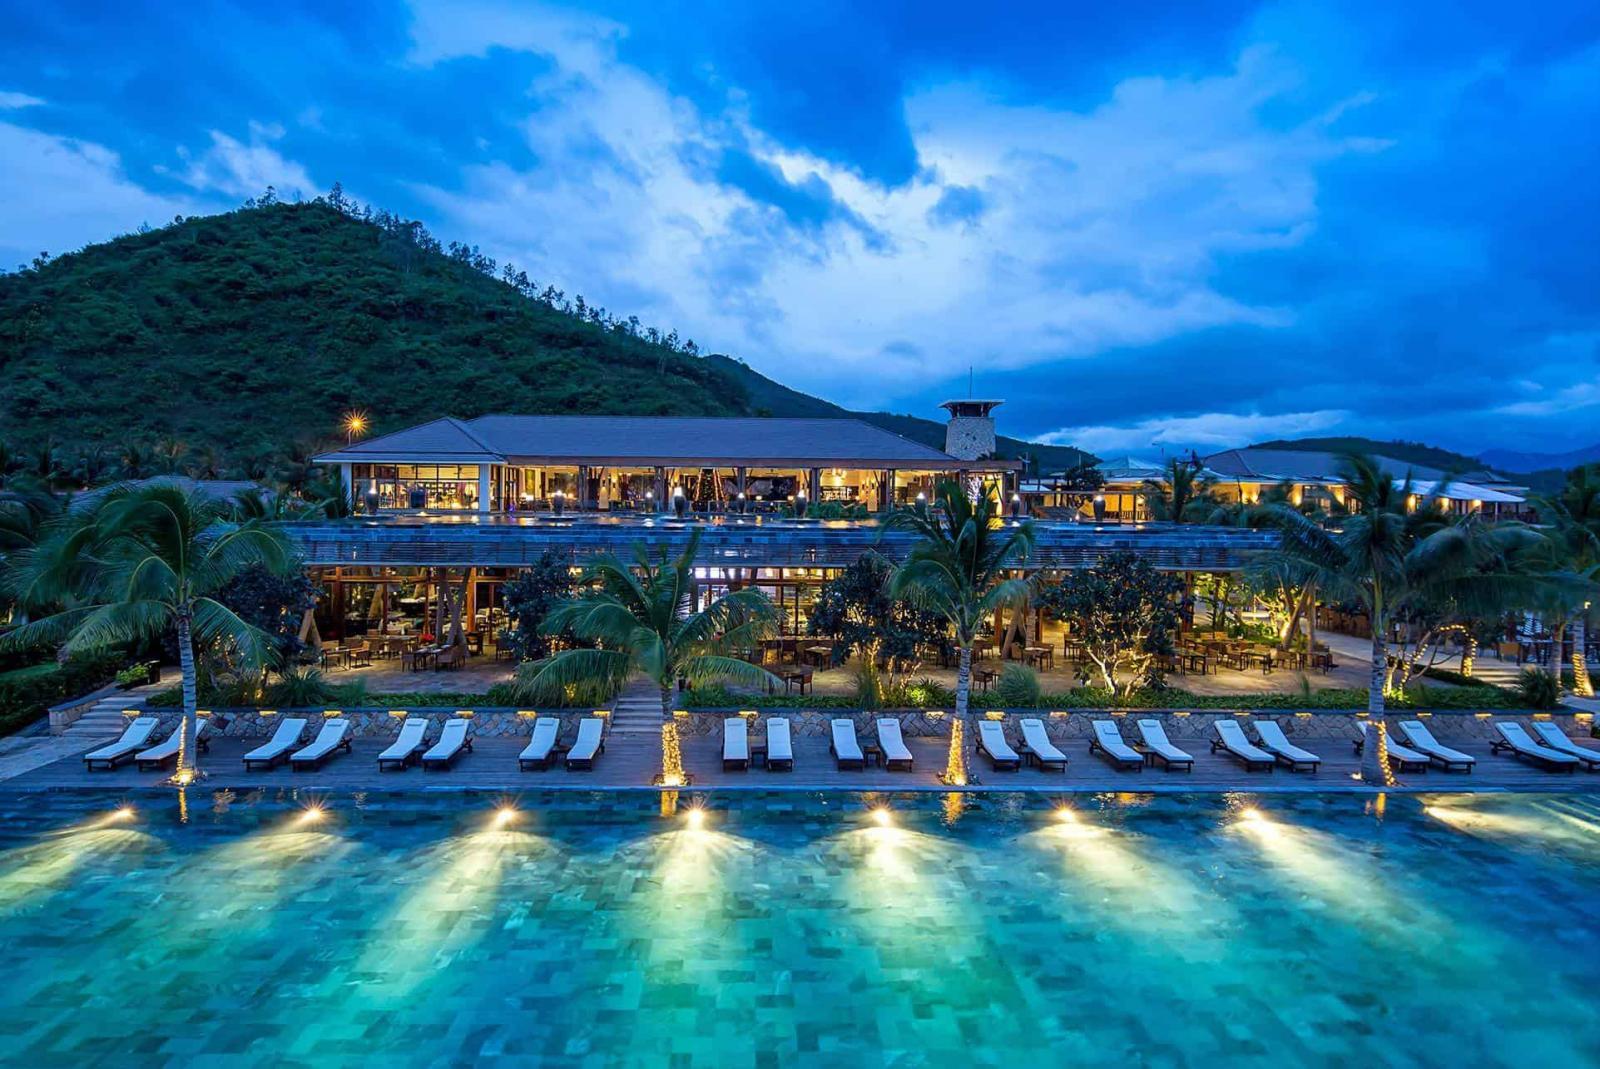 Ảnh chụp toàn cảnh một khu resort đẹp